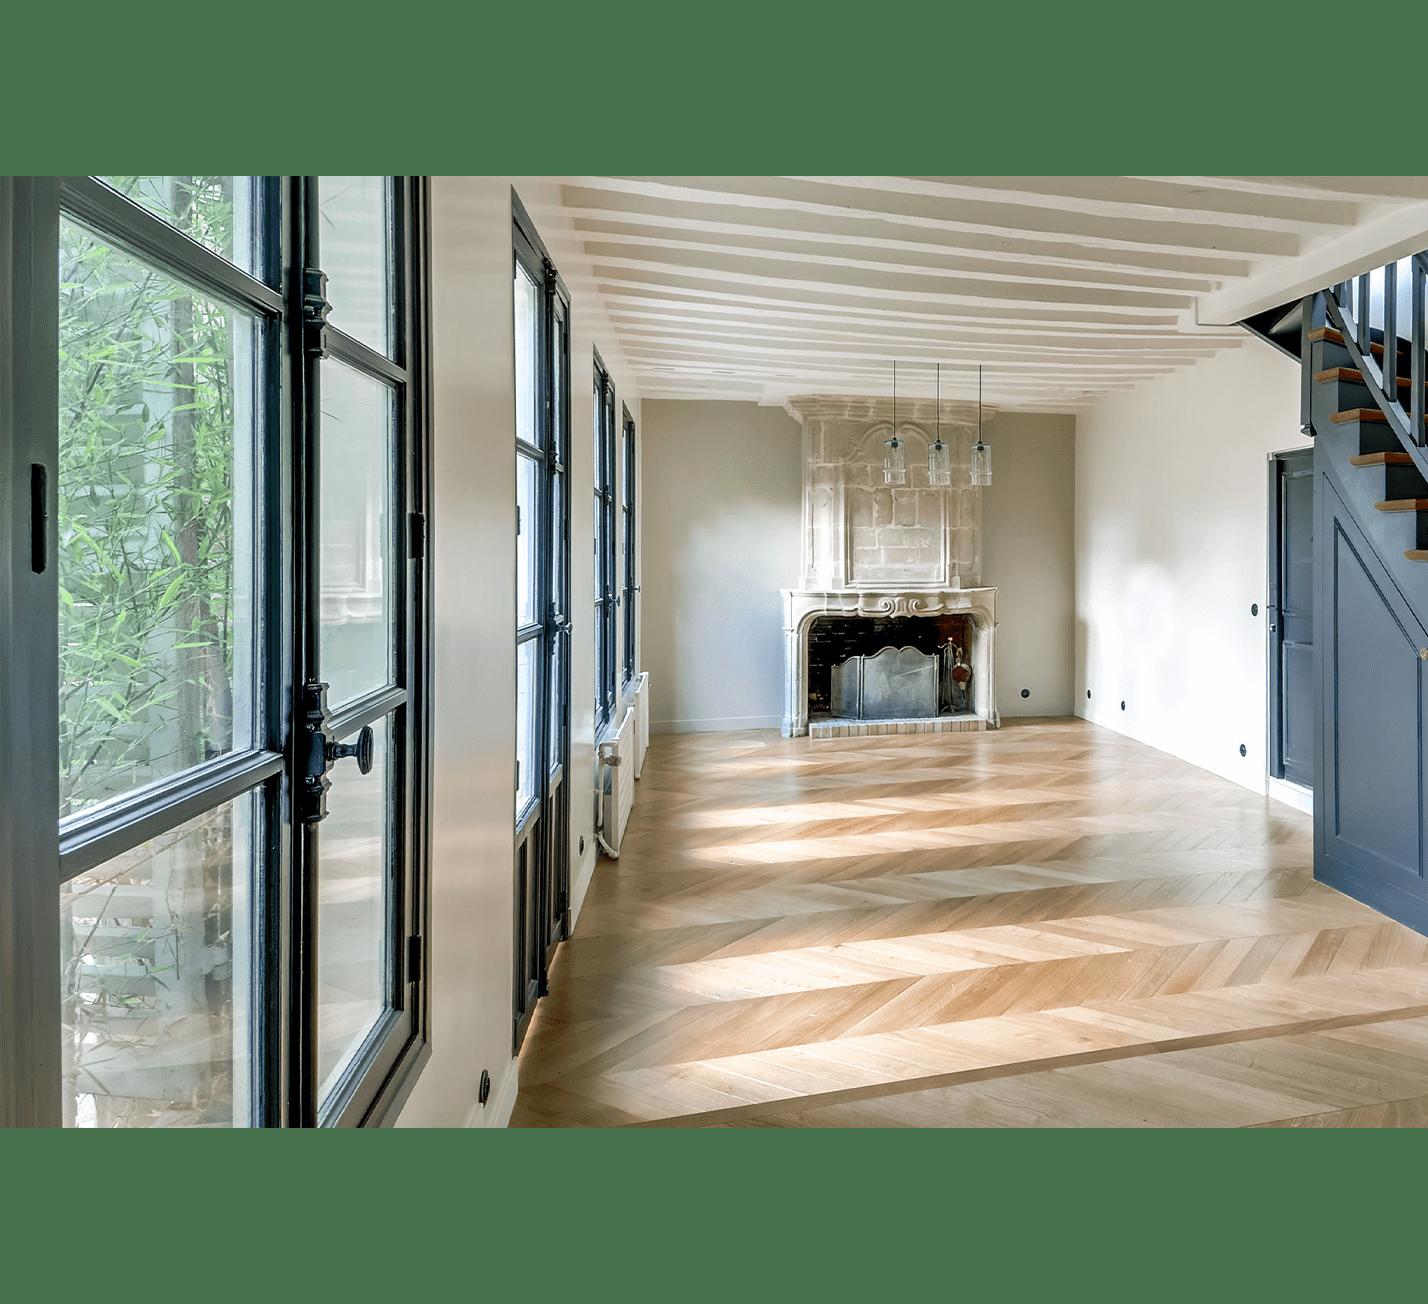 Projet-Maison-Montespan-Atelier-Steve-Pauline-Borgia-Architecture-interieur-01-min